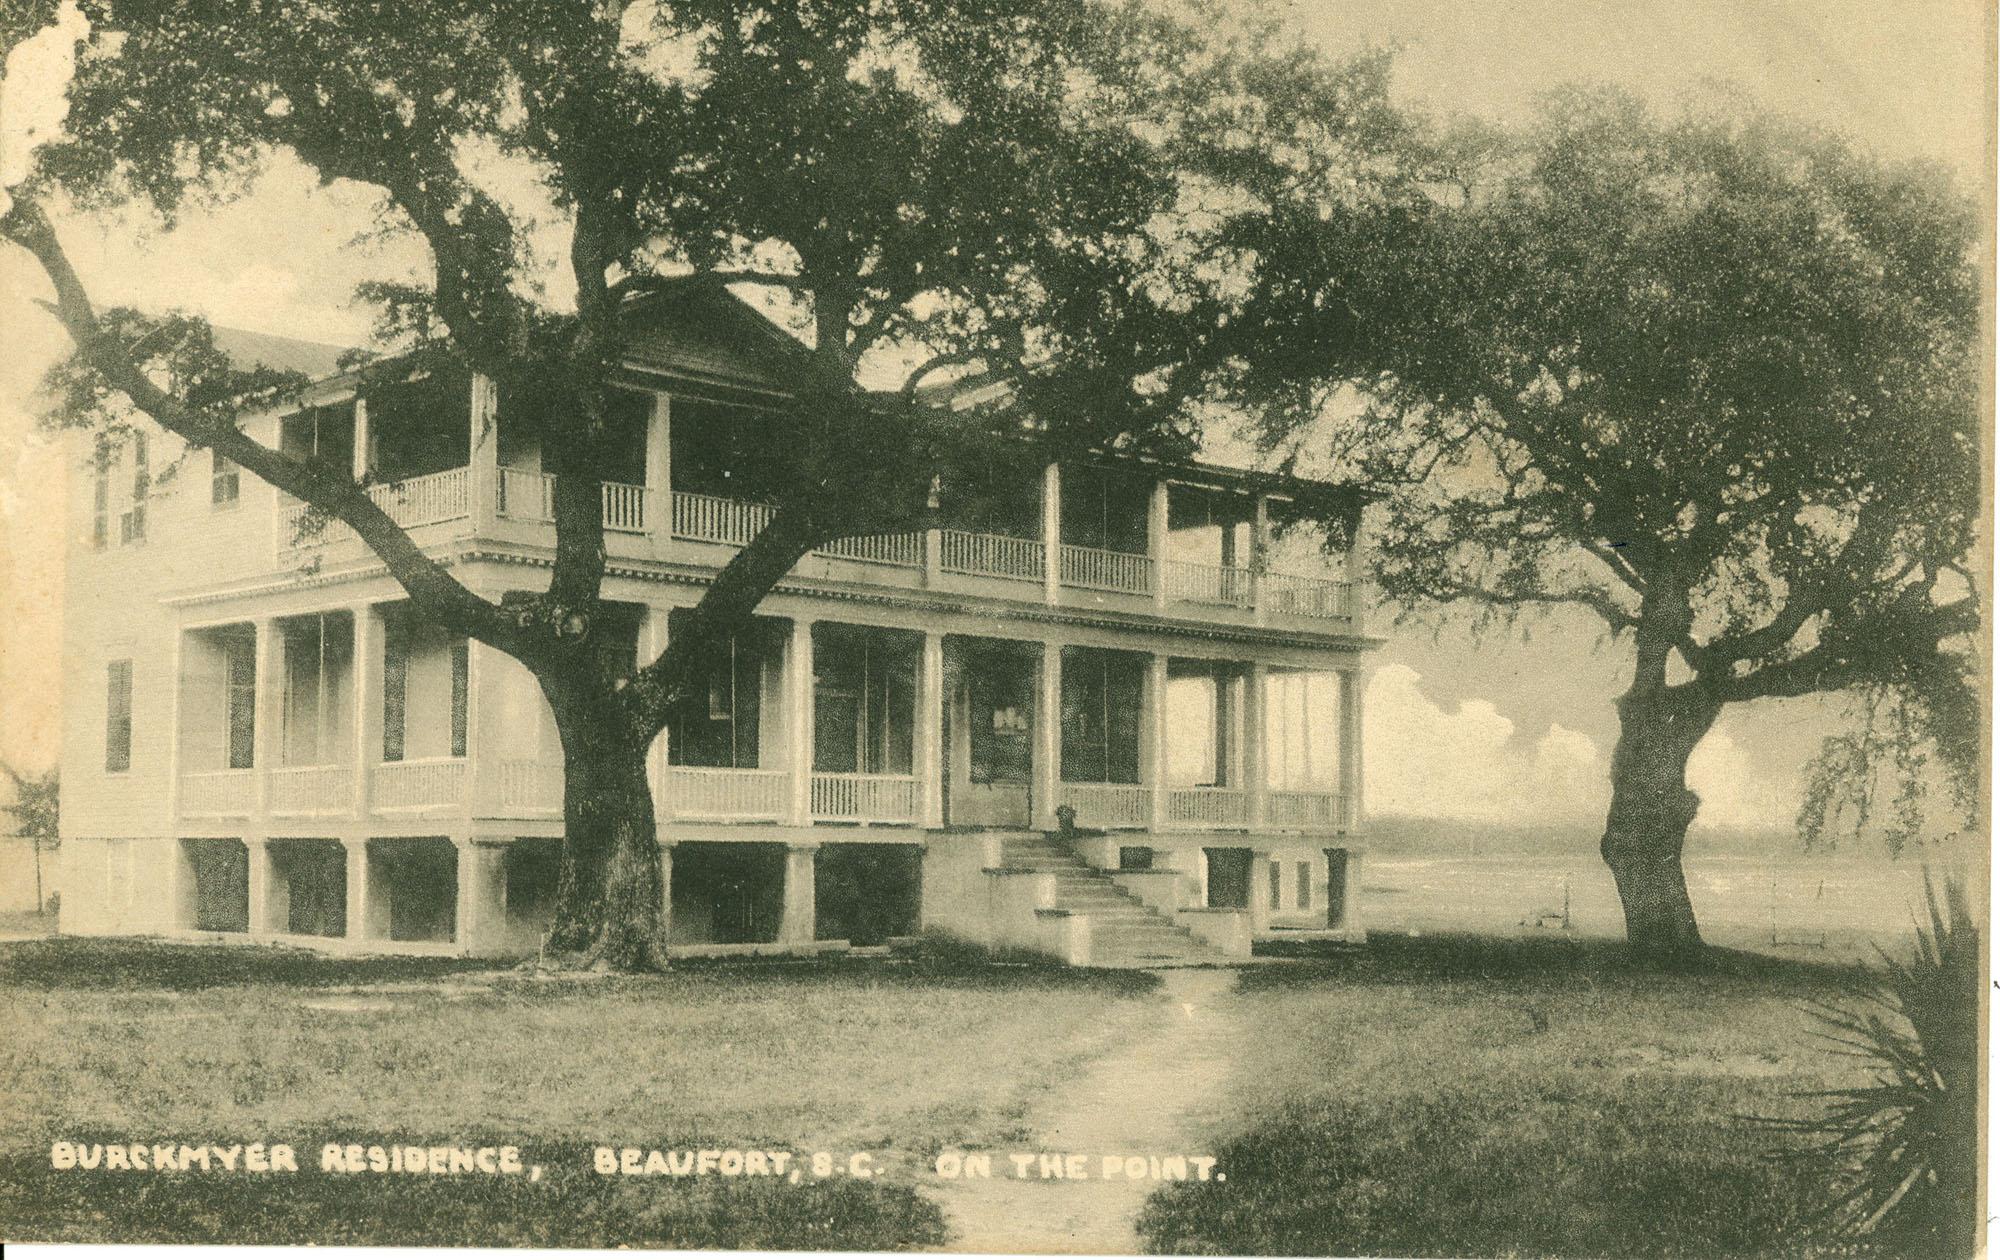 Burckmyer Residence, Beaufort, S.C. On the Point.